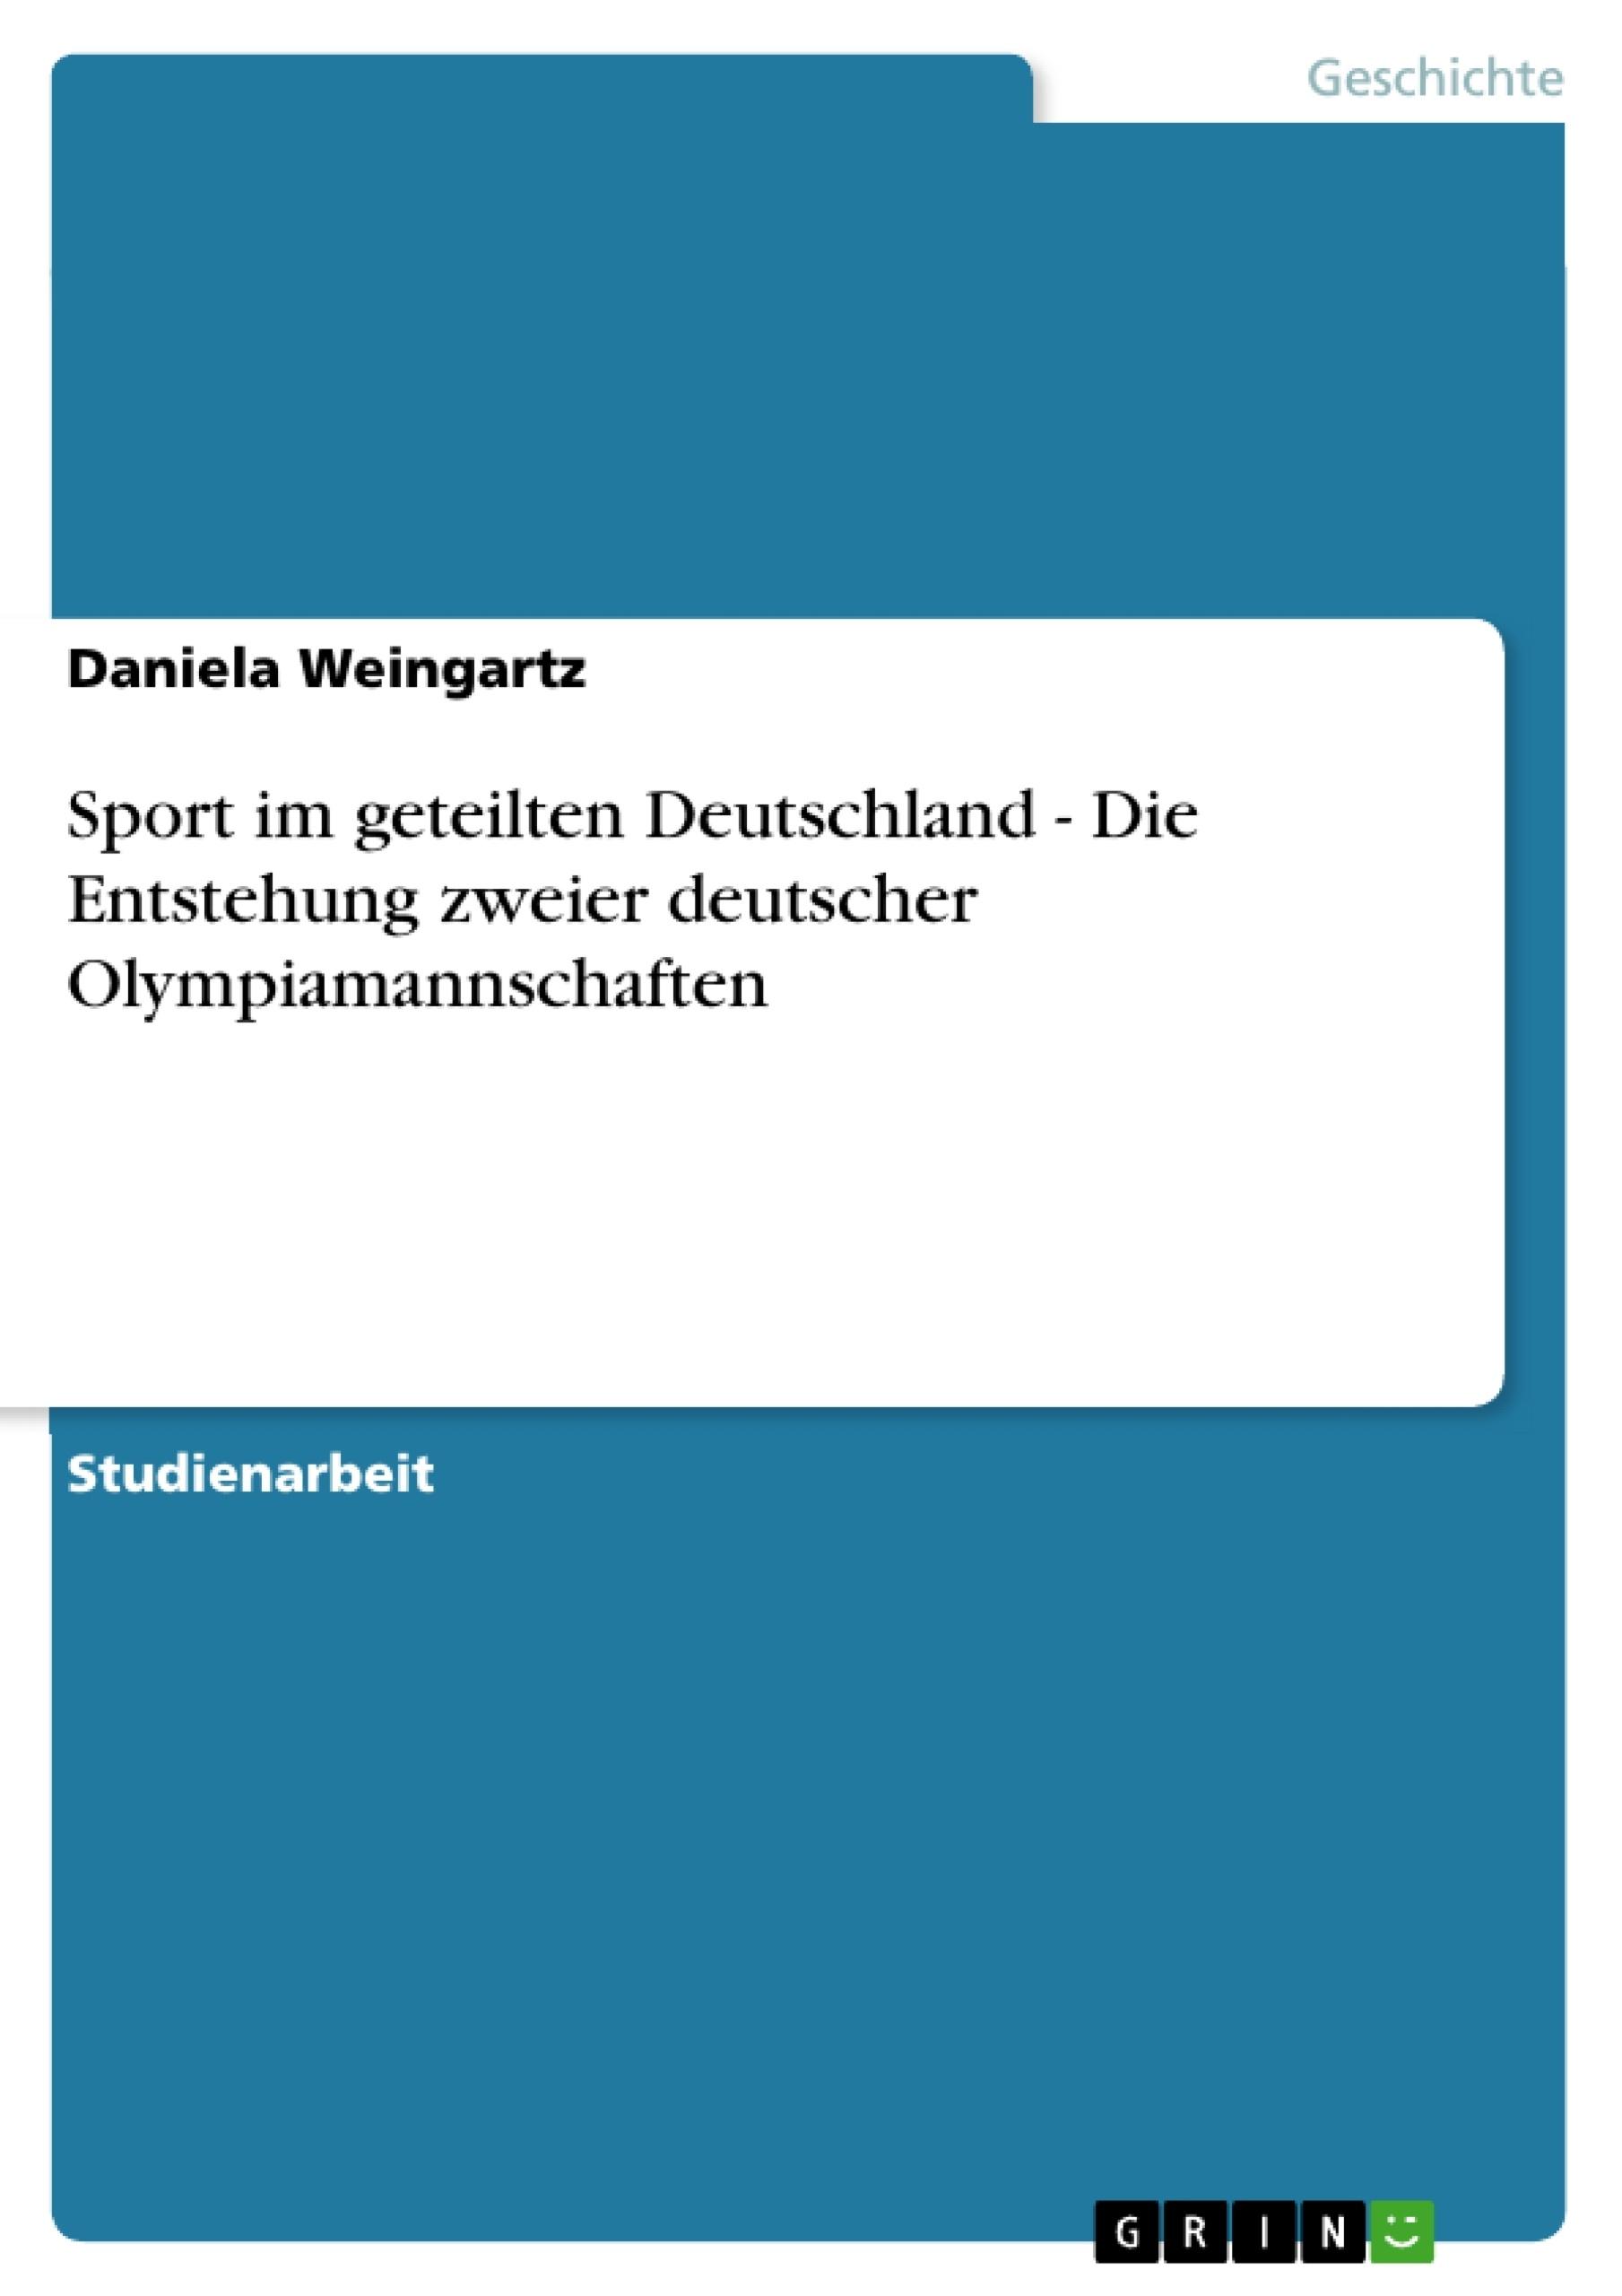 Titel: Sport im geteilten Deutschland - Die Entstehung zweier deutscher Olympiamannschaften